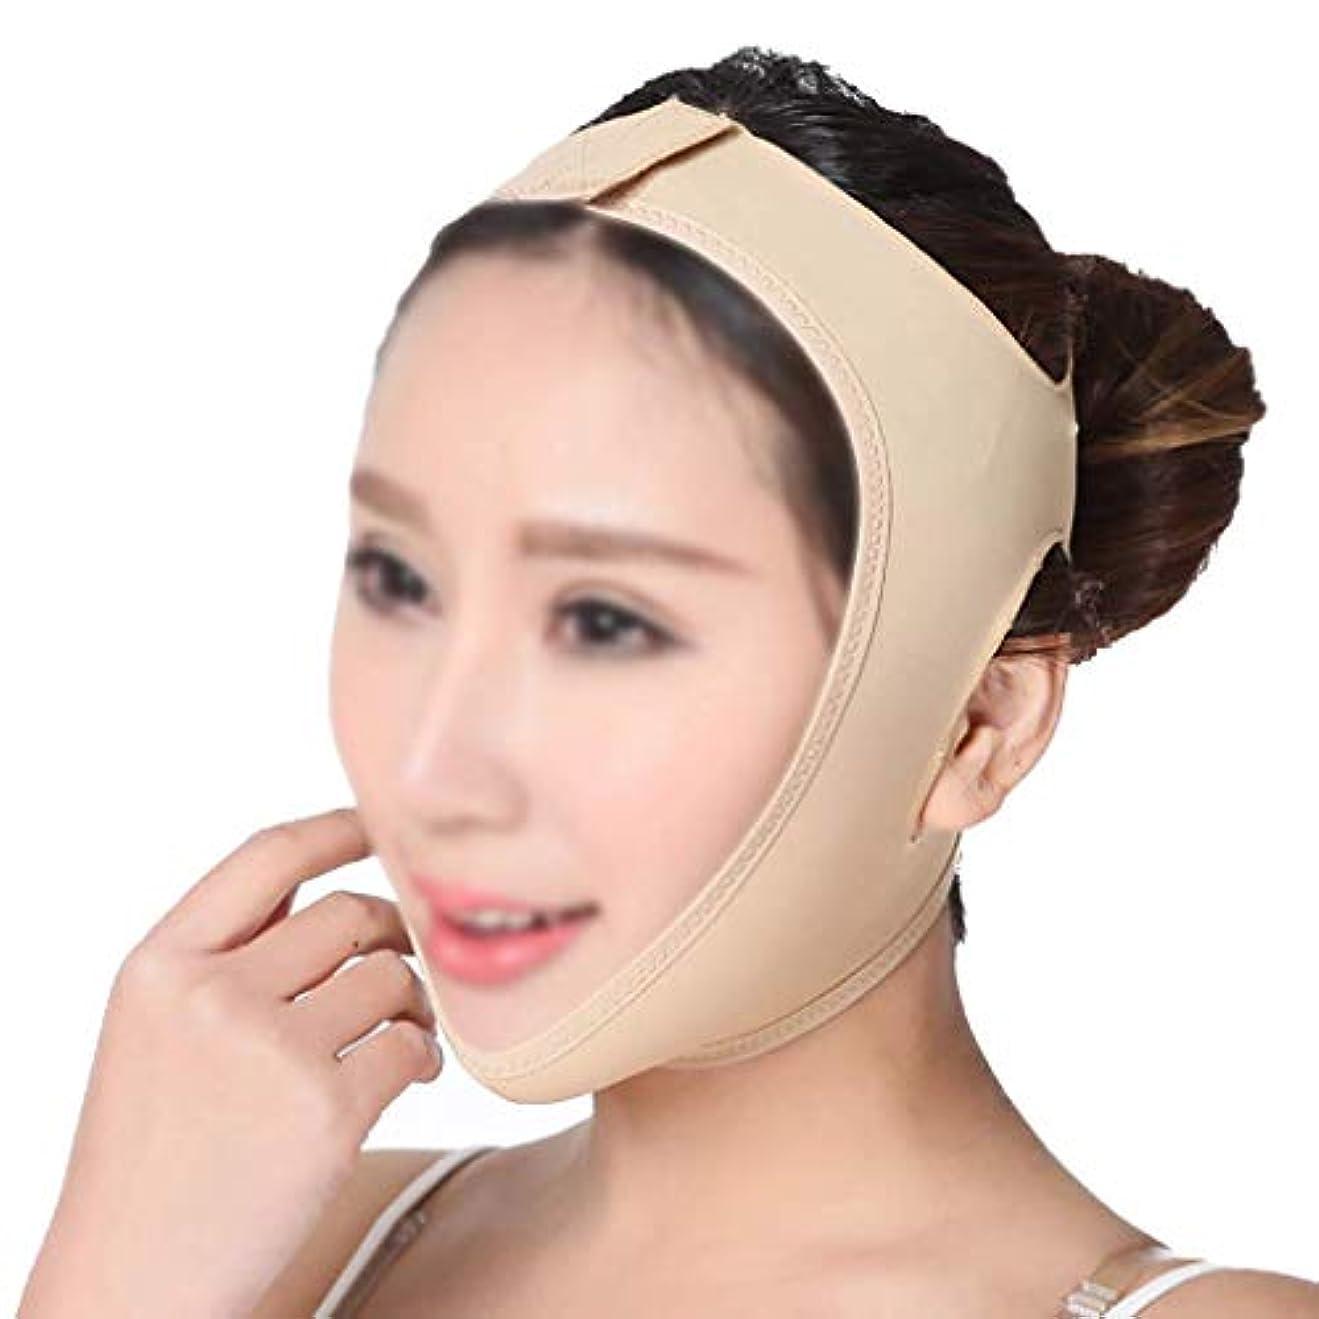 フェイスリフティングマスク、リフティングチン、フェイシャルスキン、頬垂れ防止、快適で 生地、詰まることを拒否、着用が簡単(サイズ:M),M